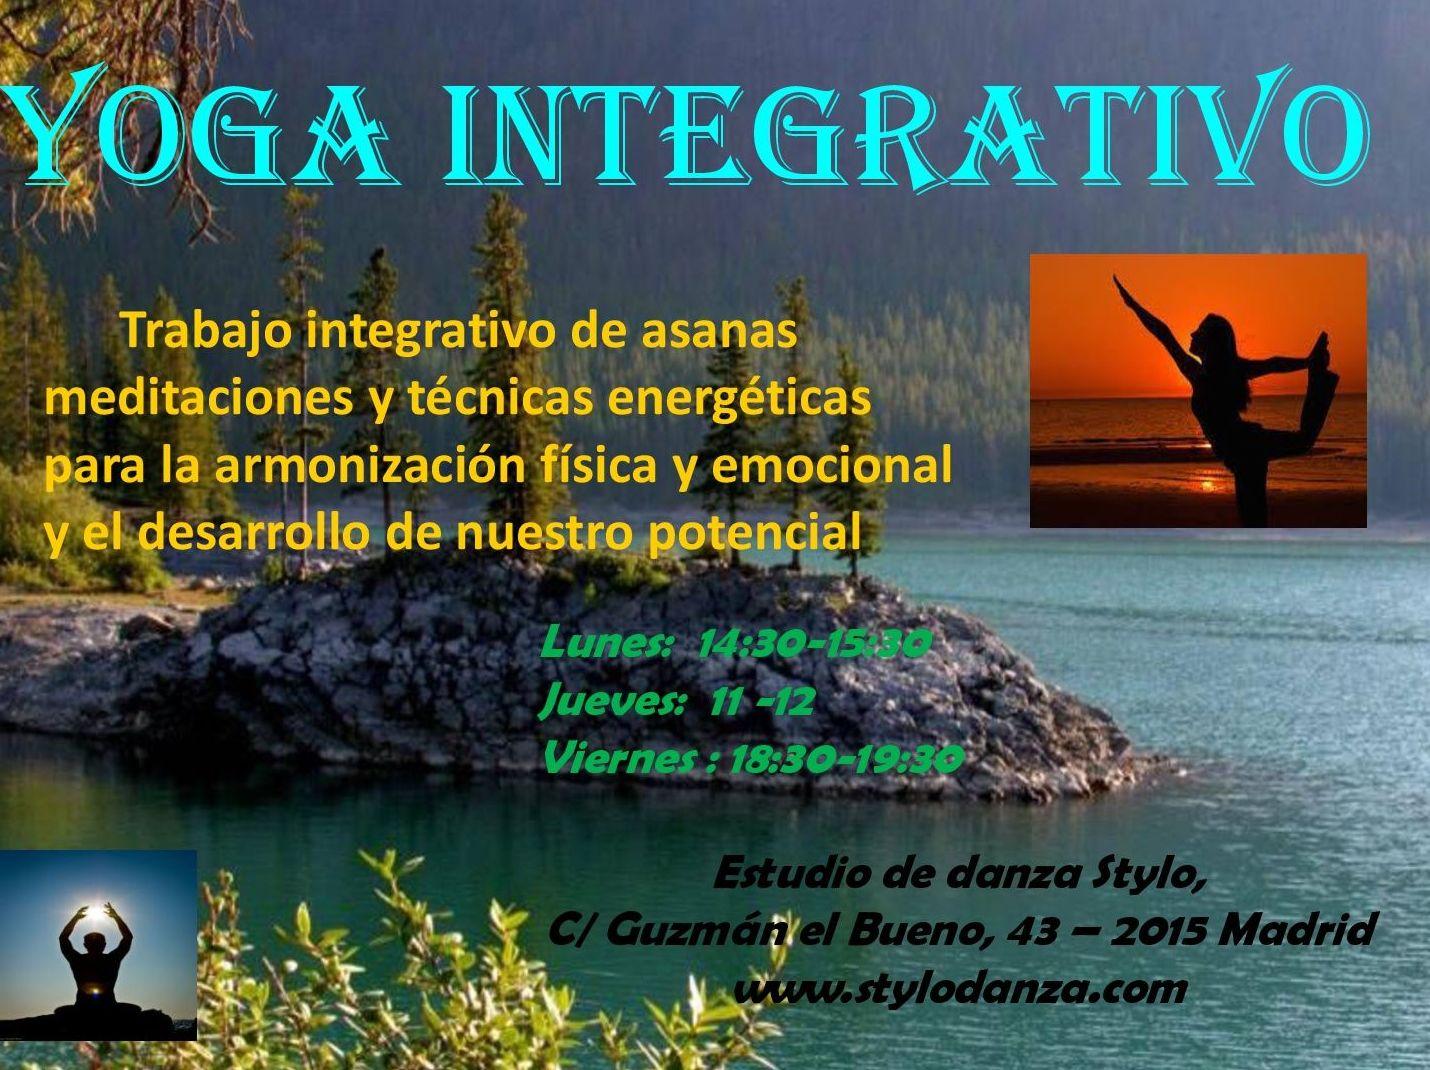 Yoga :  Horarios y disciplinas de Estudio de Danza Stylo